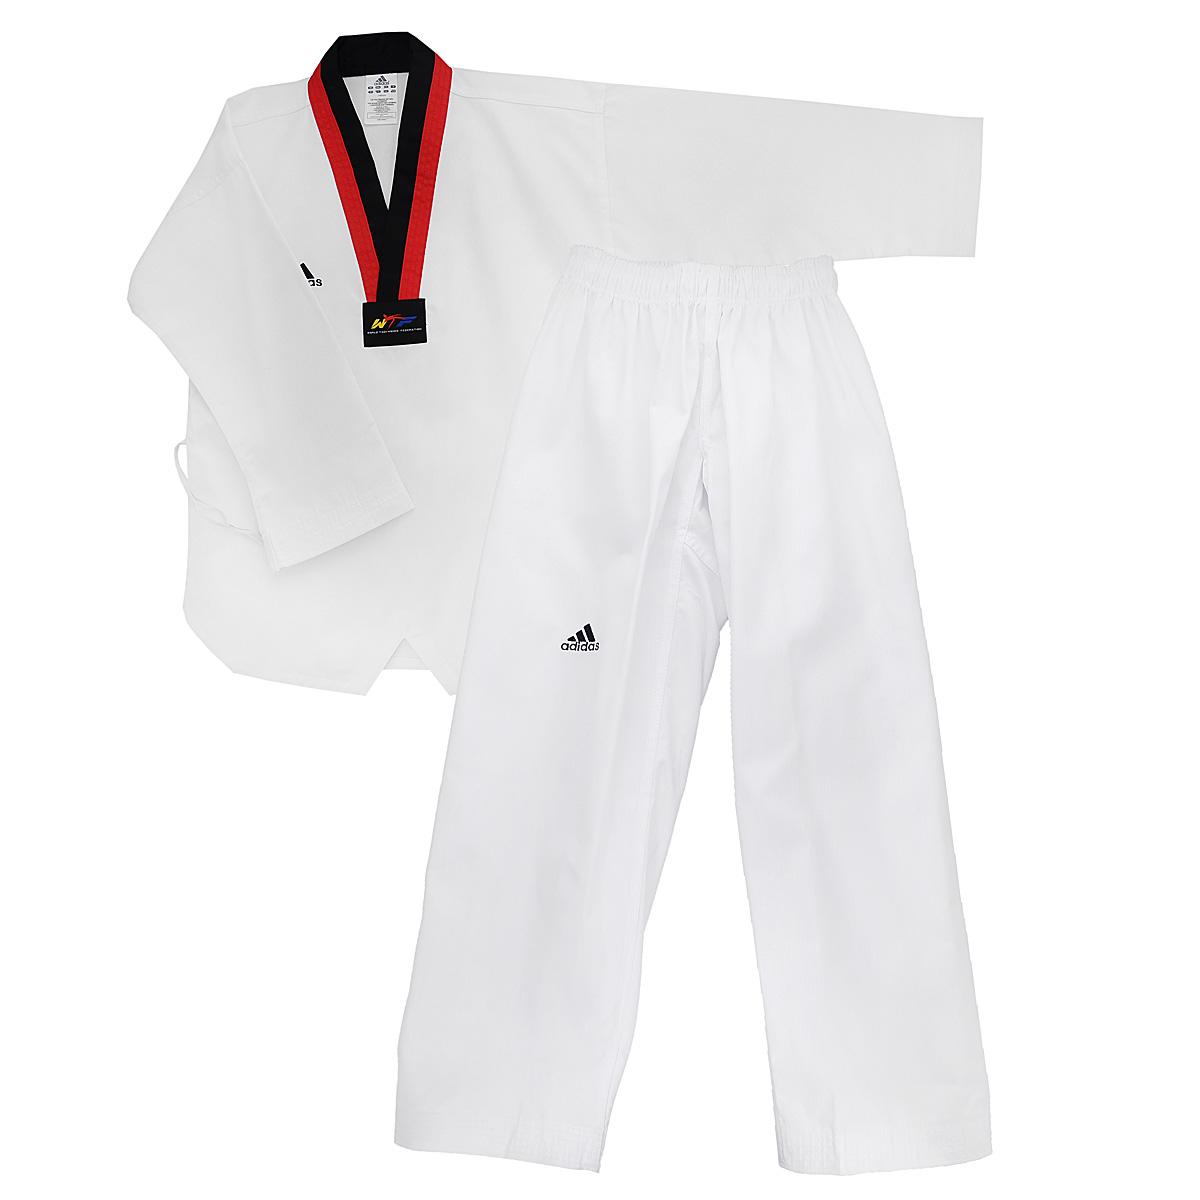 adiTS01-WH/RD-BKКимоно для тхэквондо adidas Taekwondo Adi-Start состоит из рубашки и брюк. Просторная рубашка без пояса с V-образным вырезом горловин, боковыми разрезами и длинными рукавами изготовлена из плотного полиэстера с добавлением хлопка. Боковые швы, края рукавов и полочка укреплены дополнительными строчками. В области талии по спинке рубашка дополнена эластичной резинкой для регулирования ширины. Просторные брюки особого покроя имеют широкий эластичный пояс, регулируемый скрытым шнурком. Низ брючин с внутренней стороны укреплен дополнительными строчками. Кимоно рекомендуется для тренировок в зале.